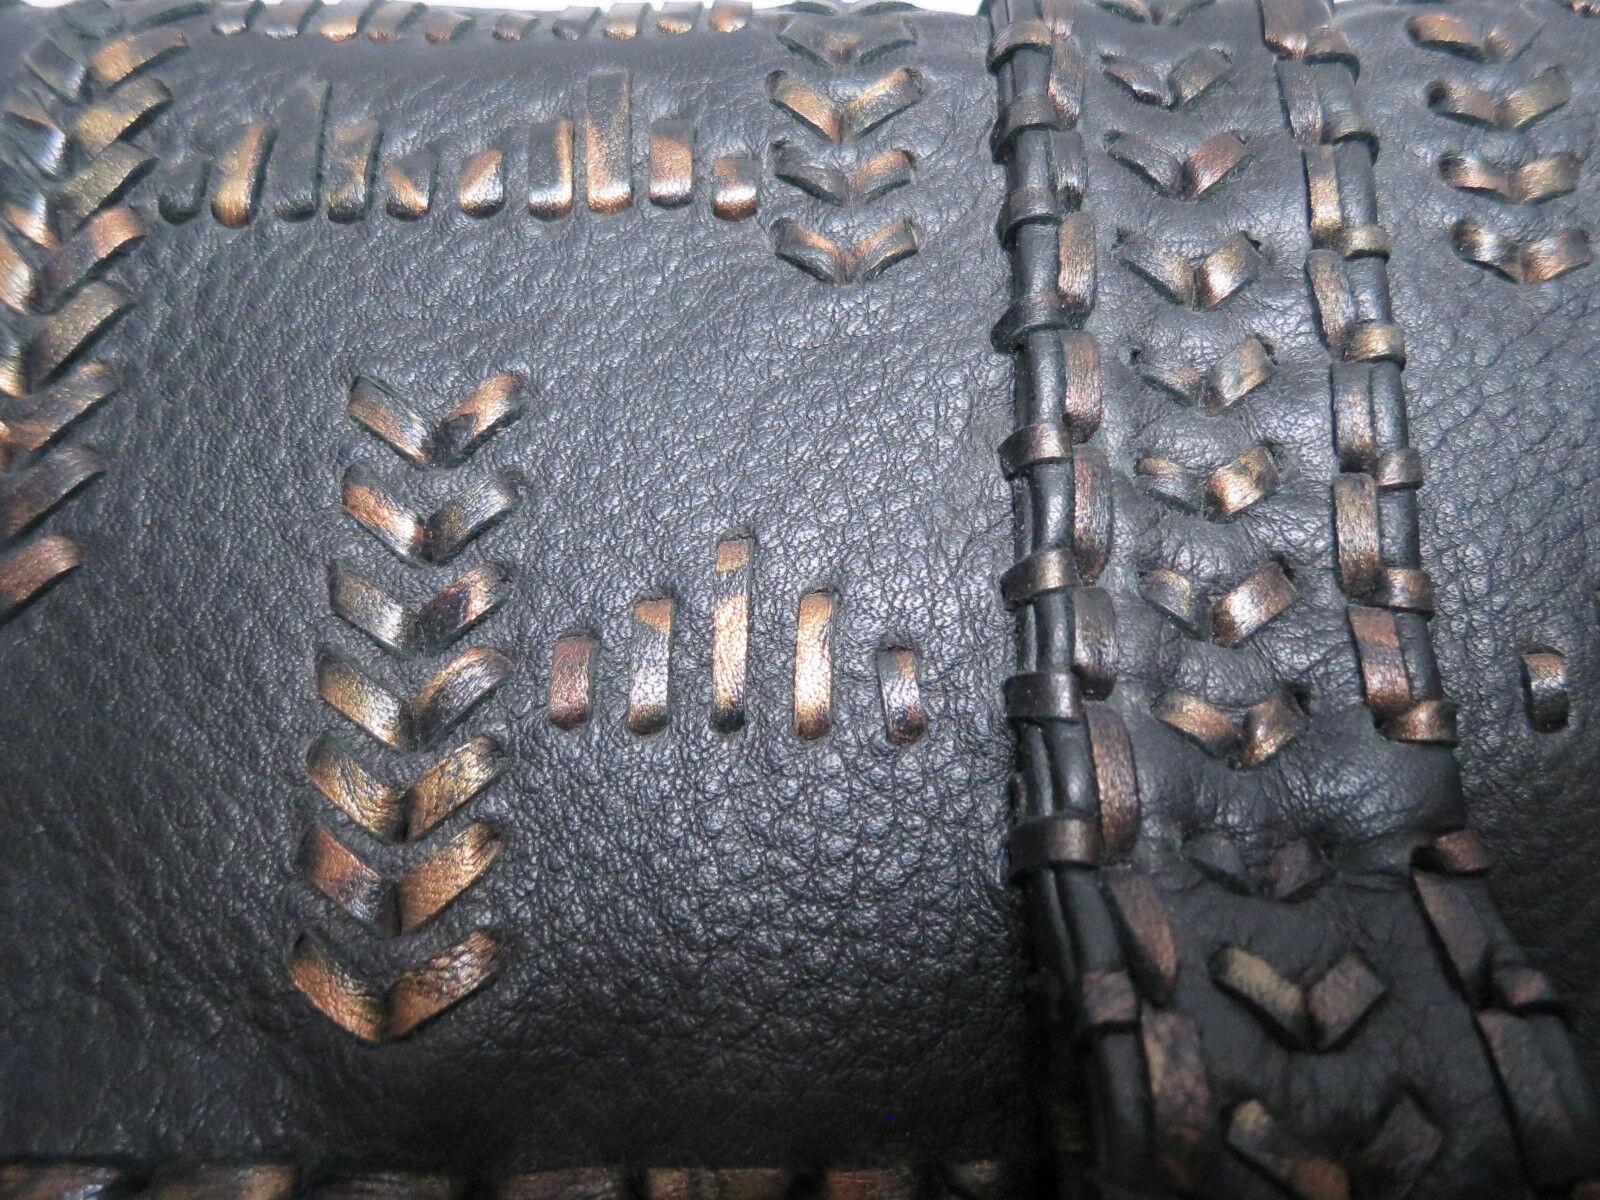 Akkesoir, Tia Clutch, Tasche, Leder schwarz, VK VK VK  - LUXUS PUR | Niedriger Preis  | Lass unsere Waren in die Welt gehen  | Internationale Wahl  780149